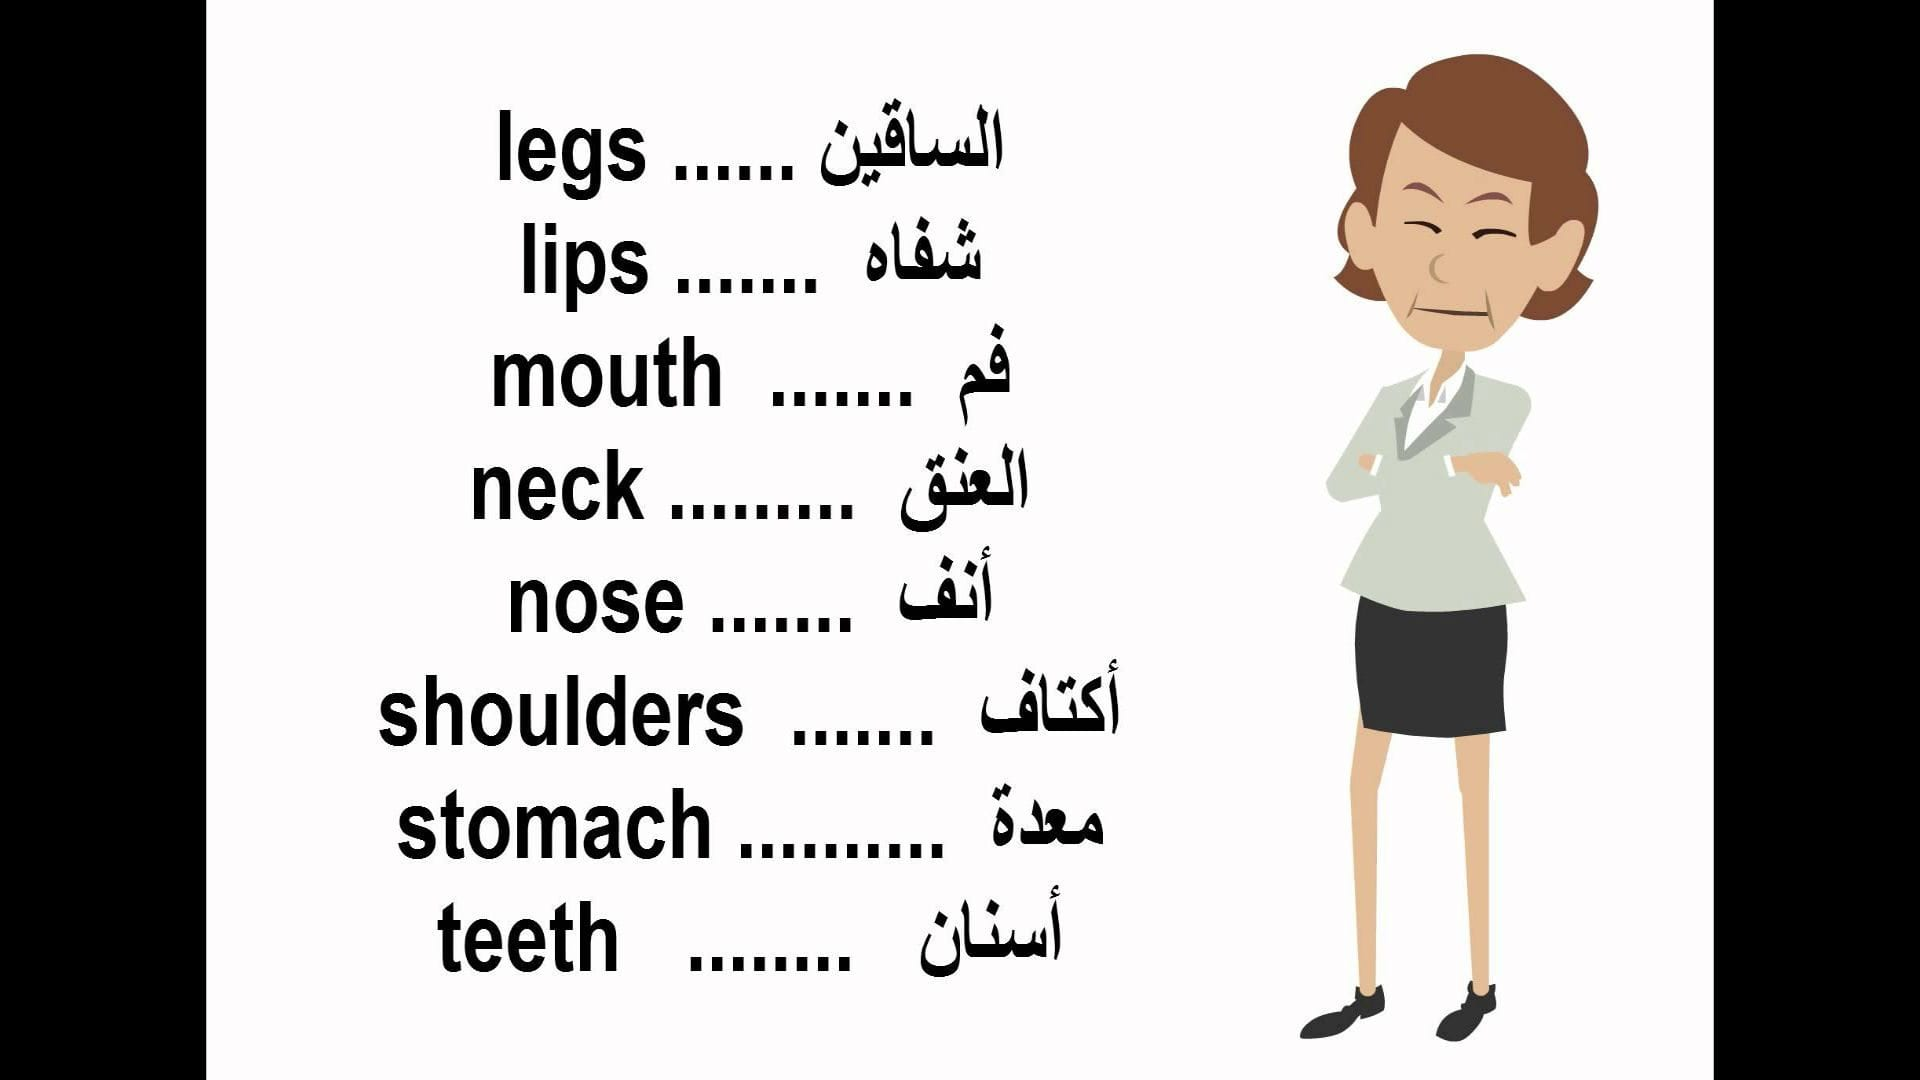 تطبيق ELSA Speak لمساعدتك في نقط الإنجليزية بشكل صحيح